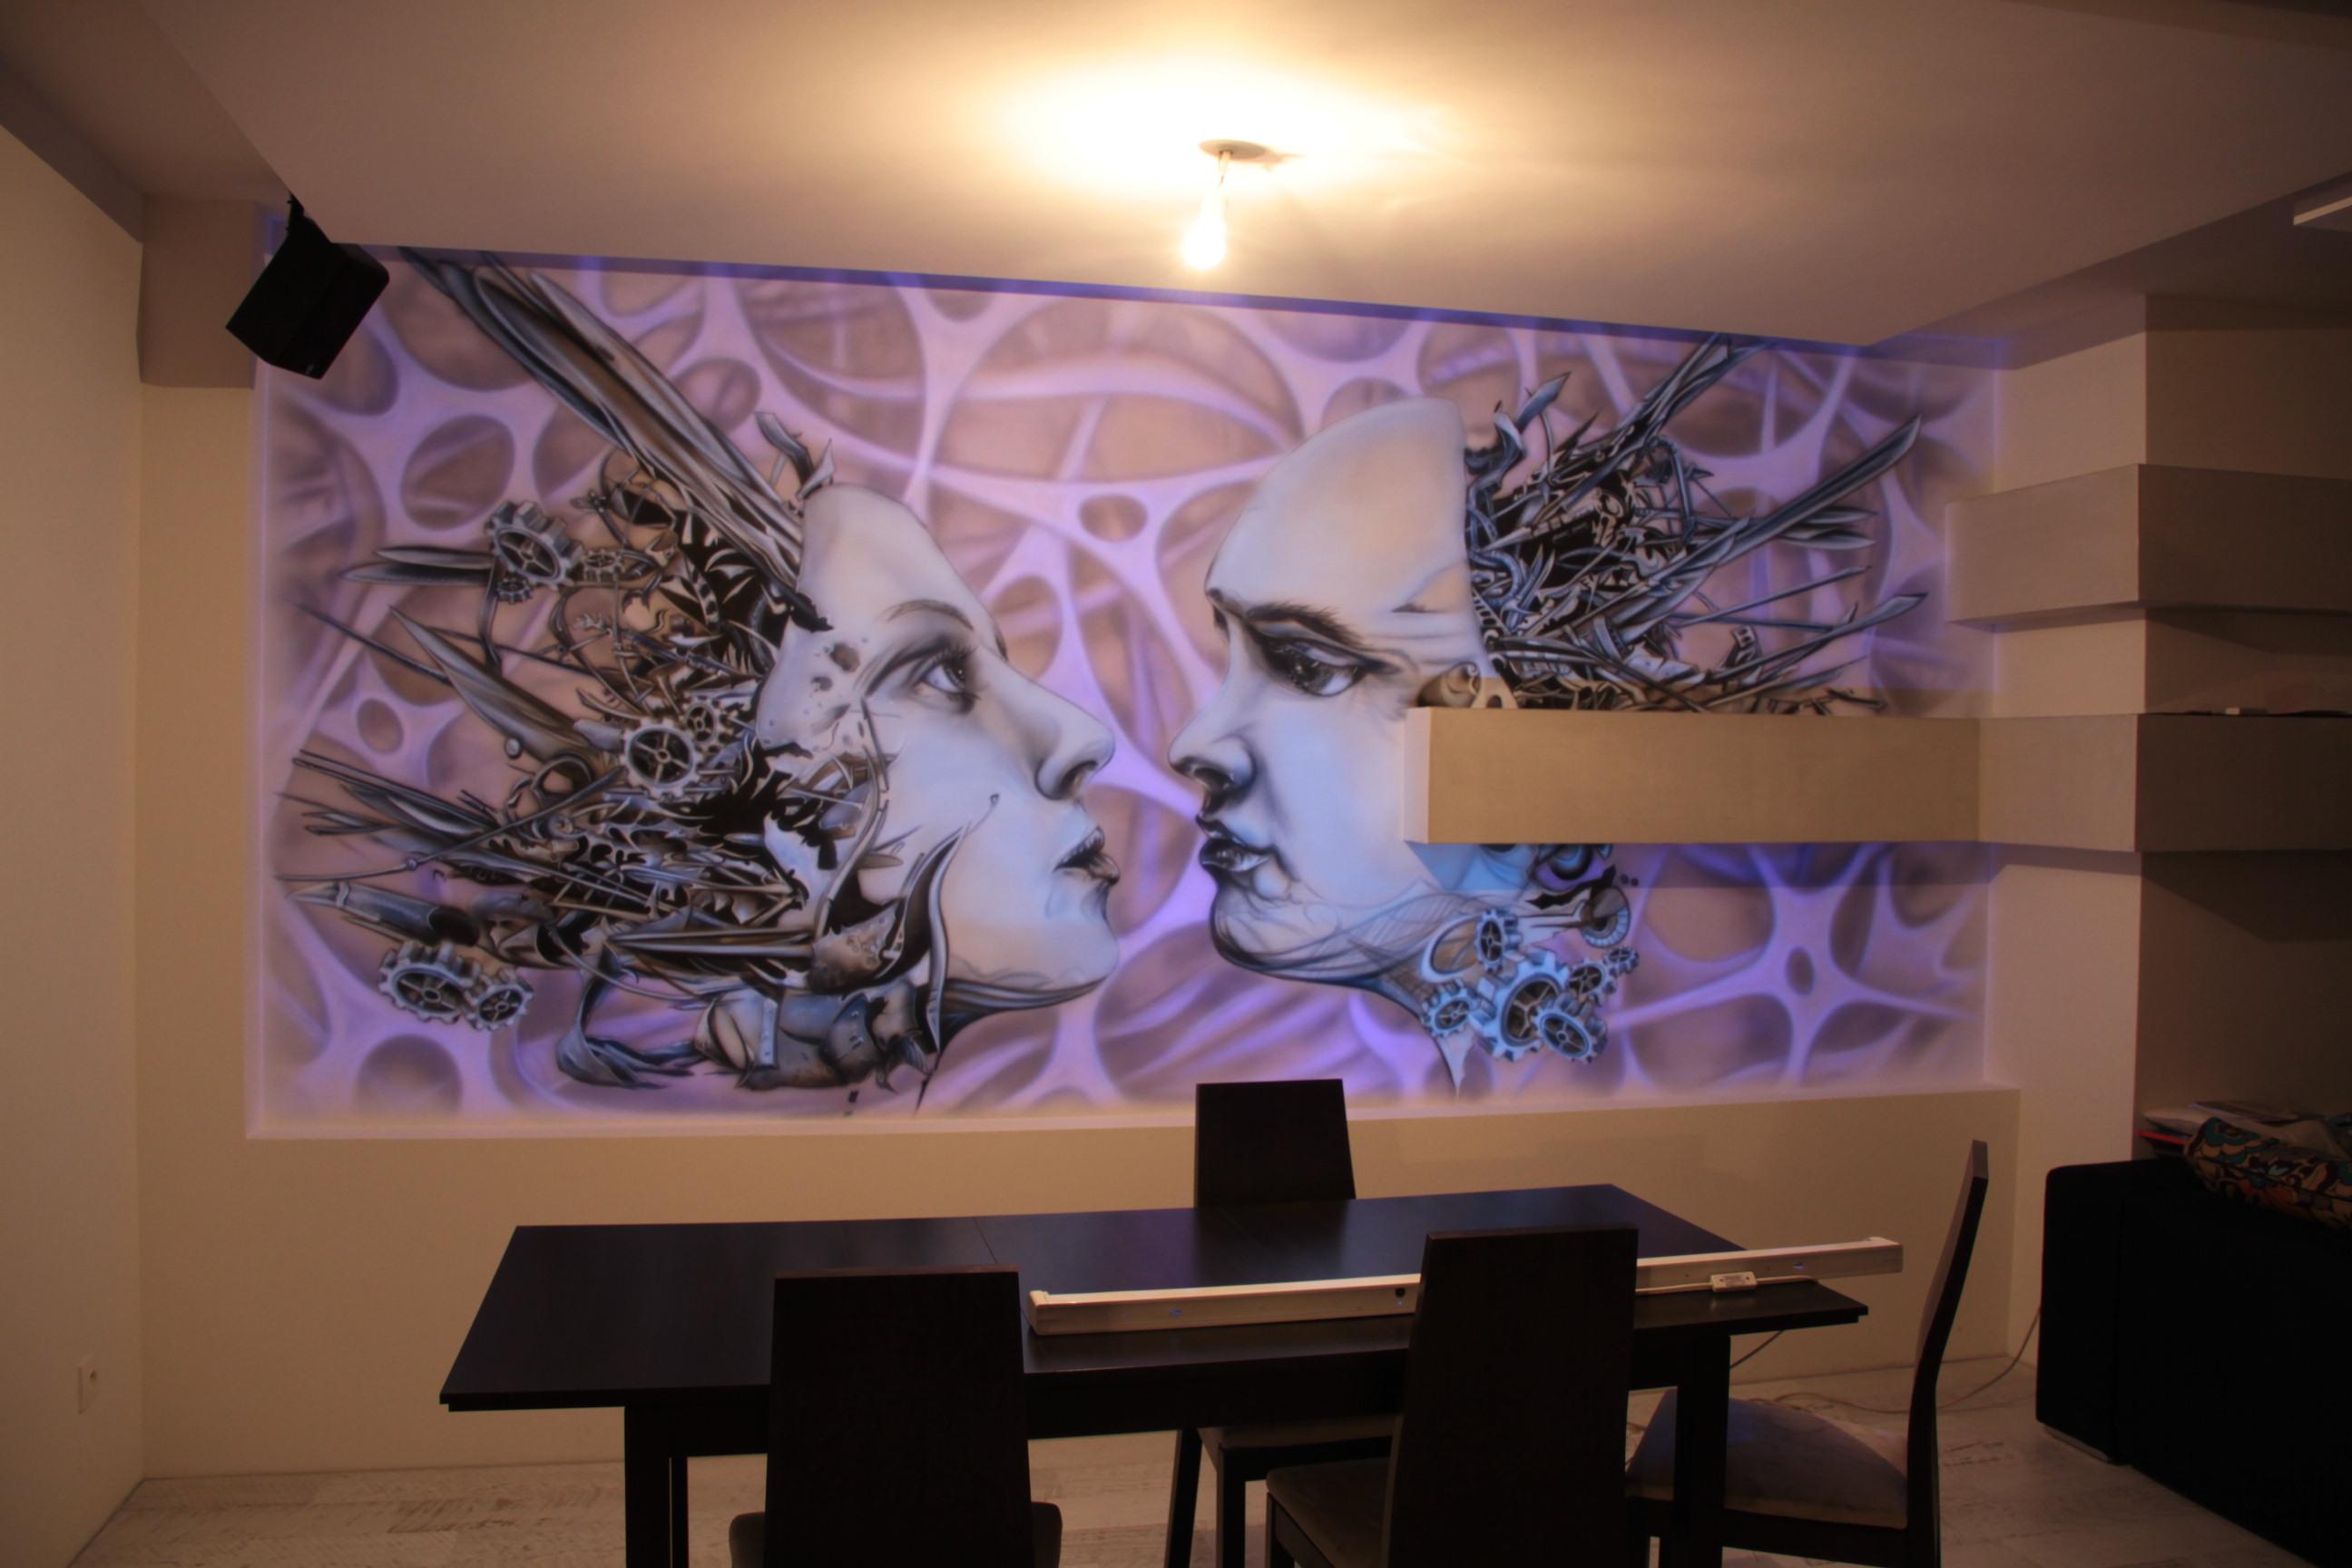 Mural UV biomechanika do modernistycznego wnętrza, grafitti UV